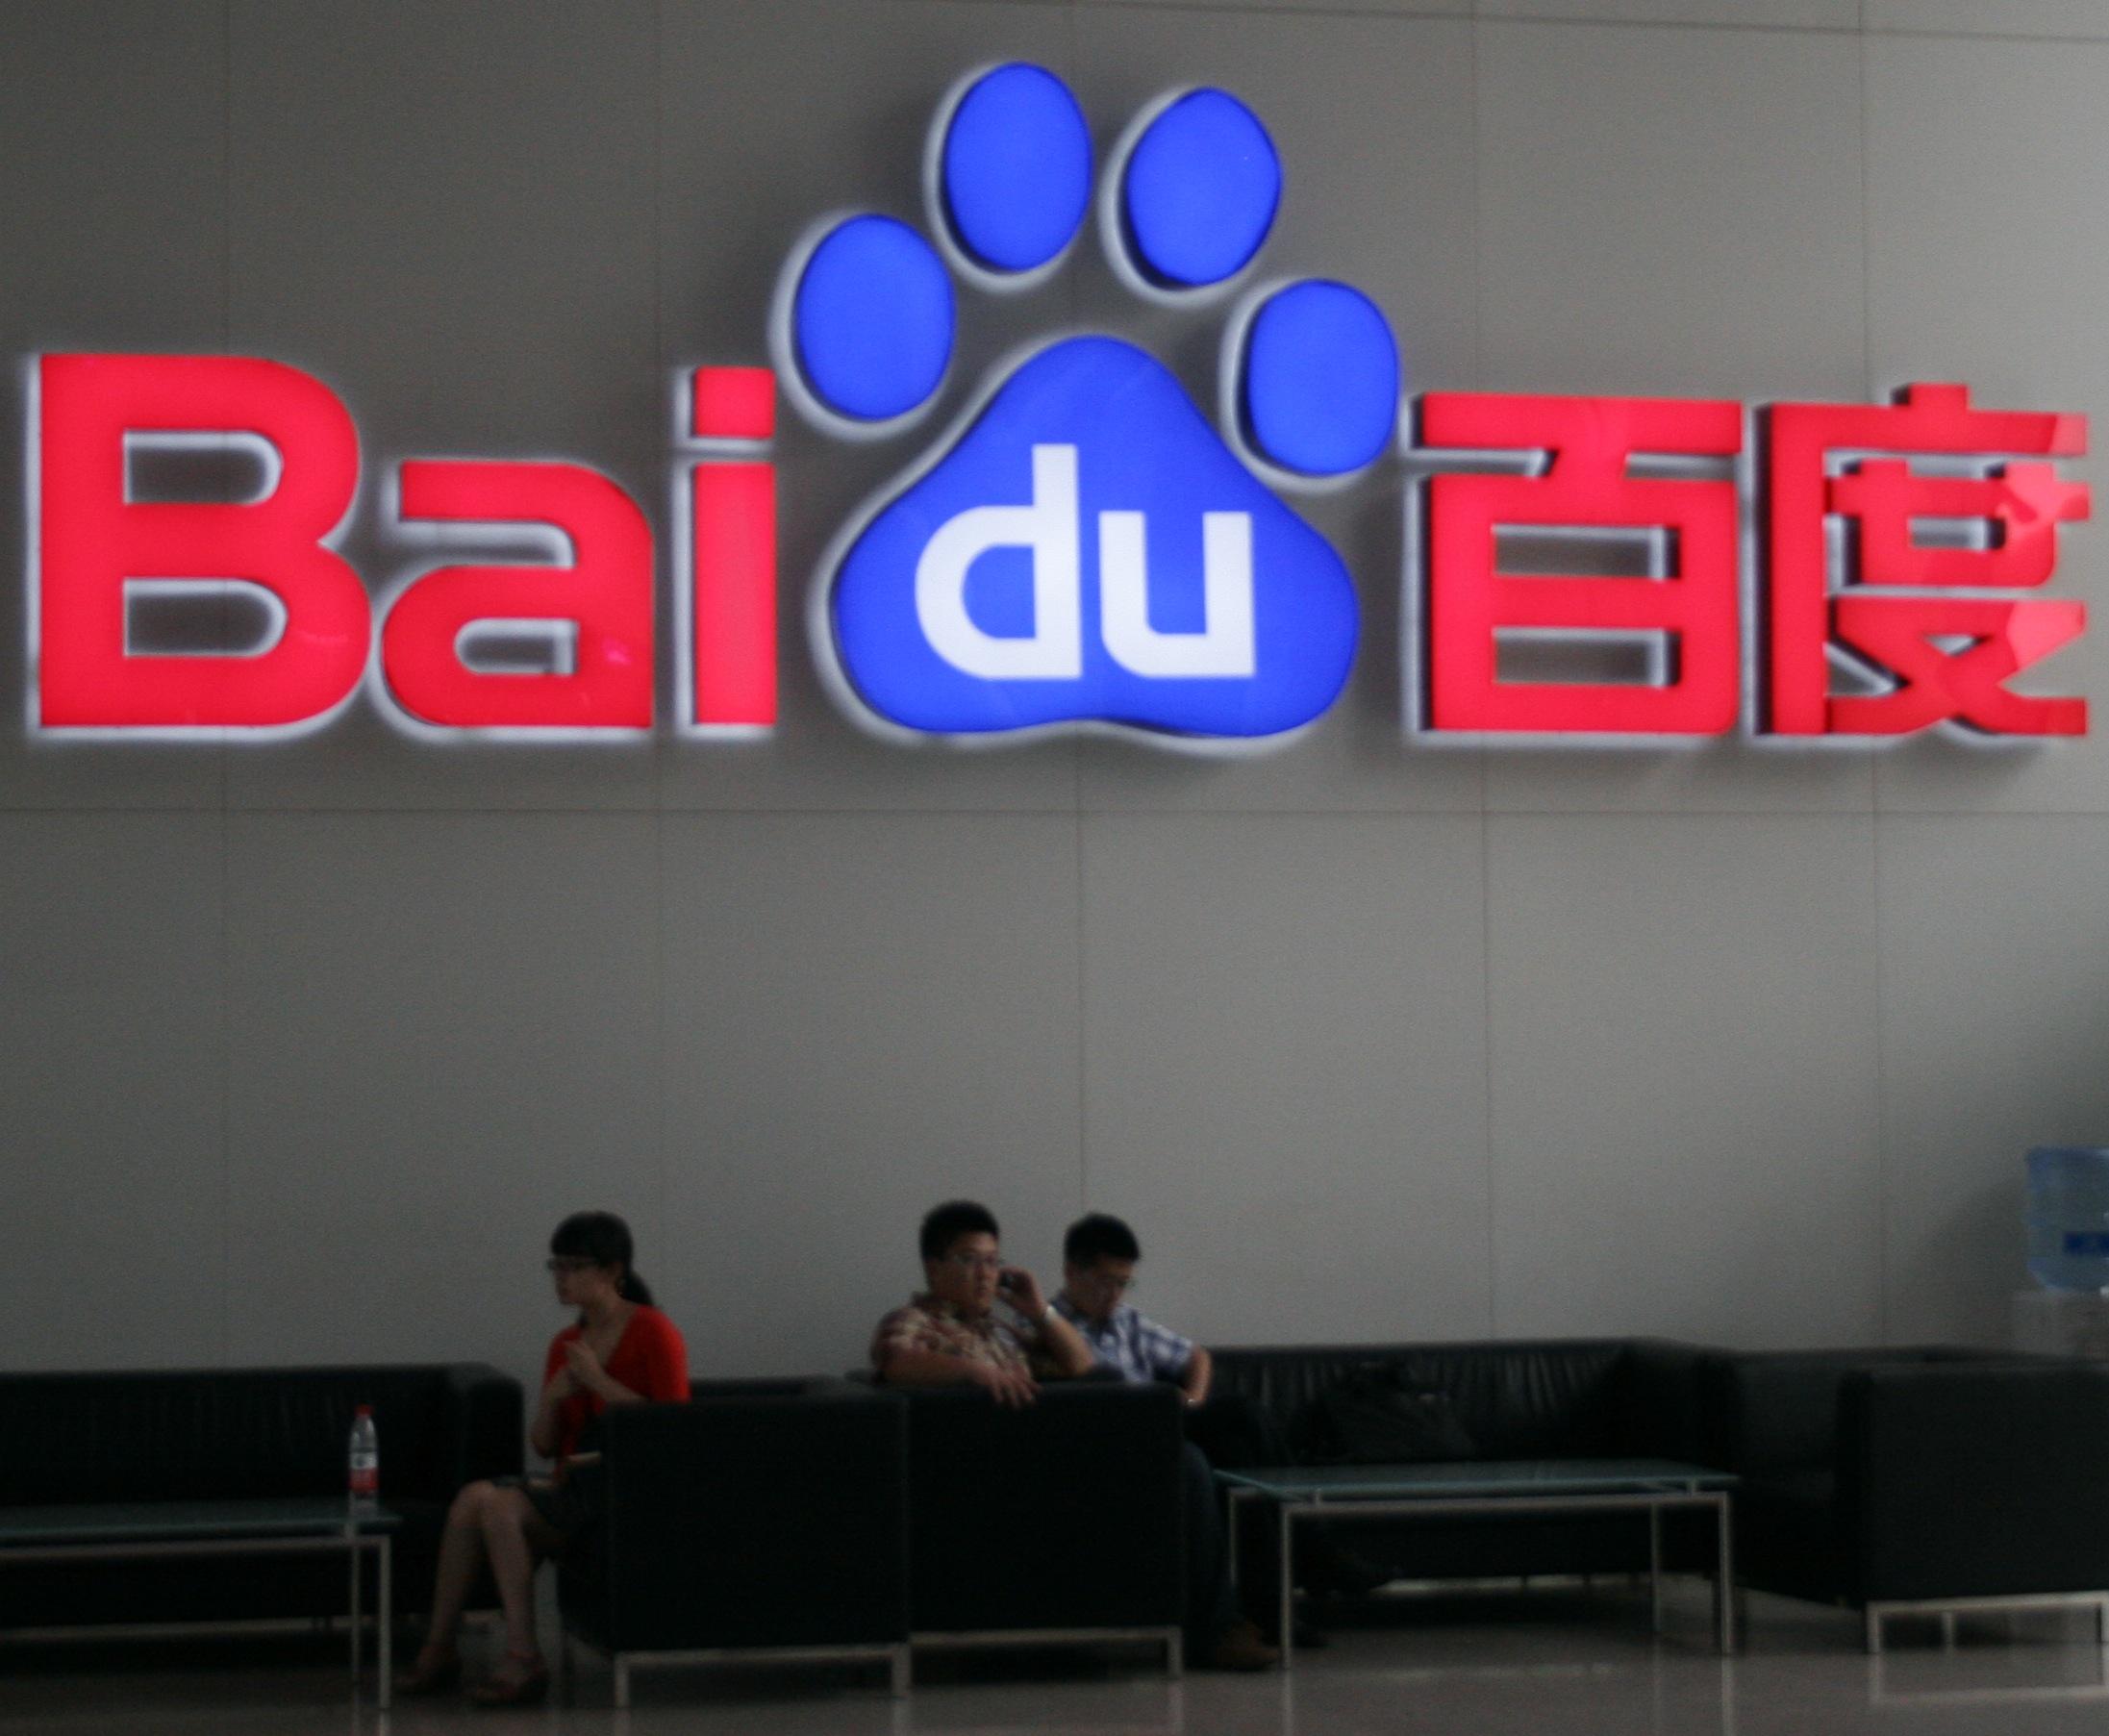 Baidu in Beijing sign.